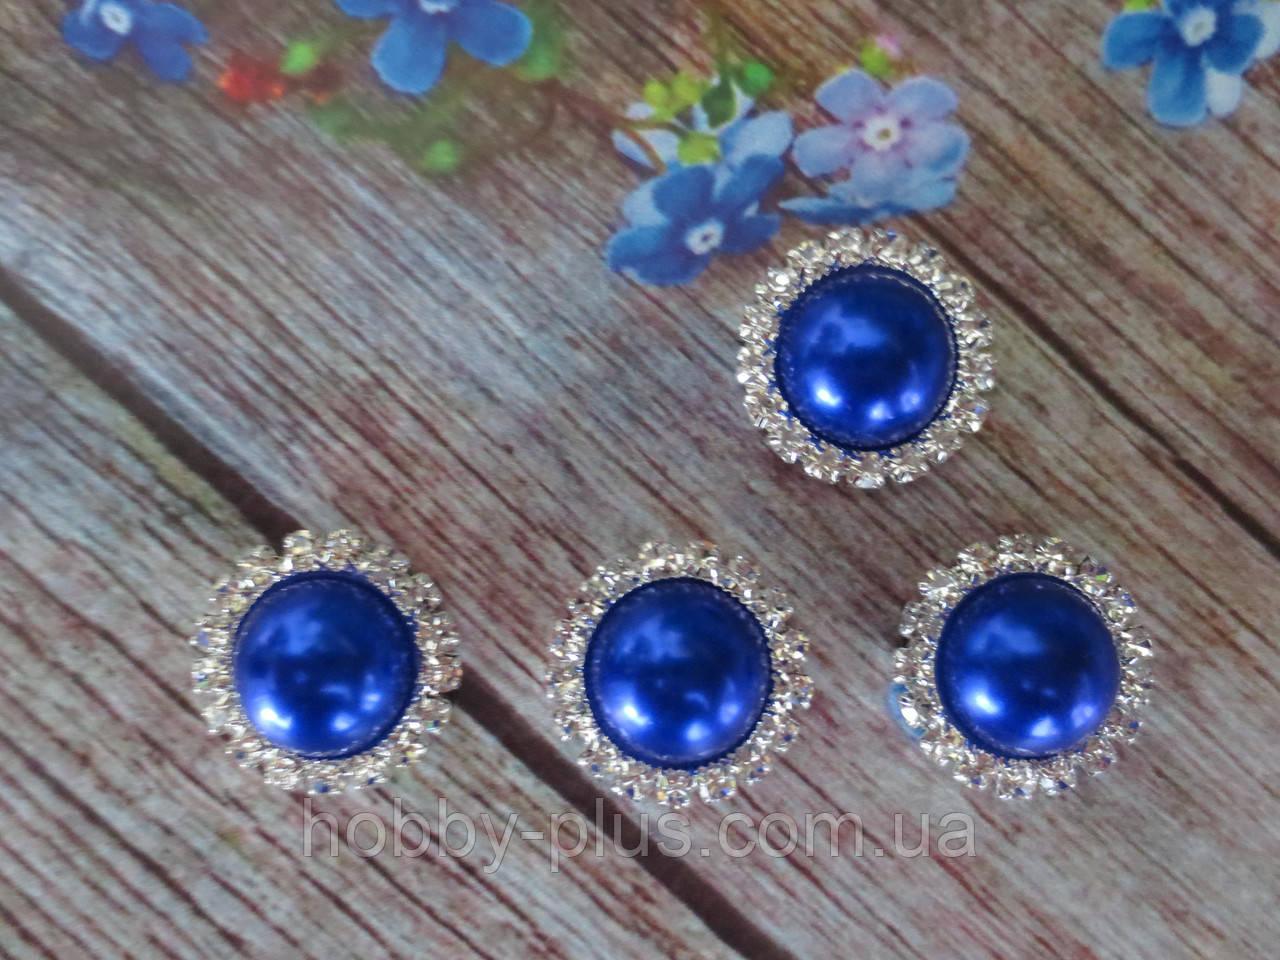 Полужемчуг в стразовой оправе, 20 мм, цвет синий